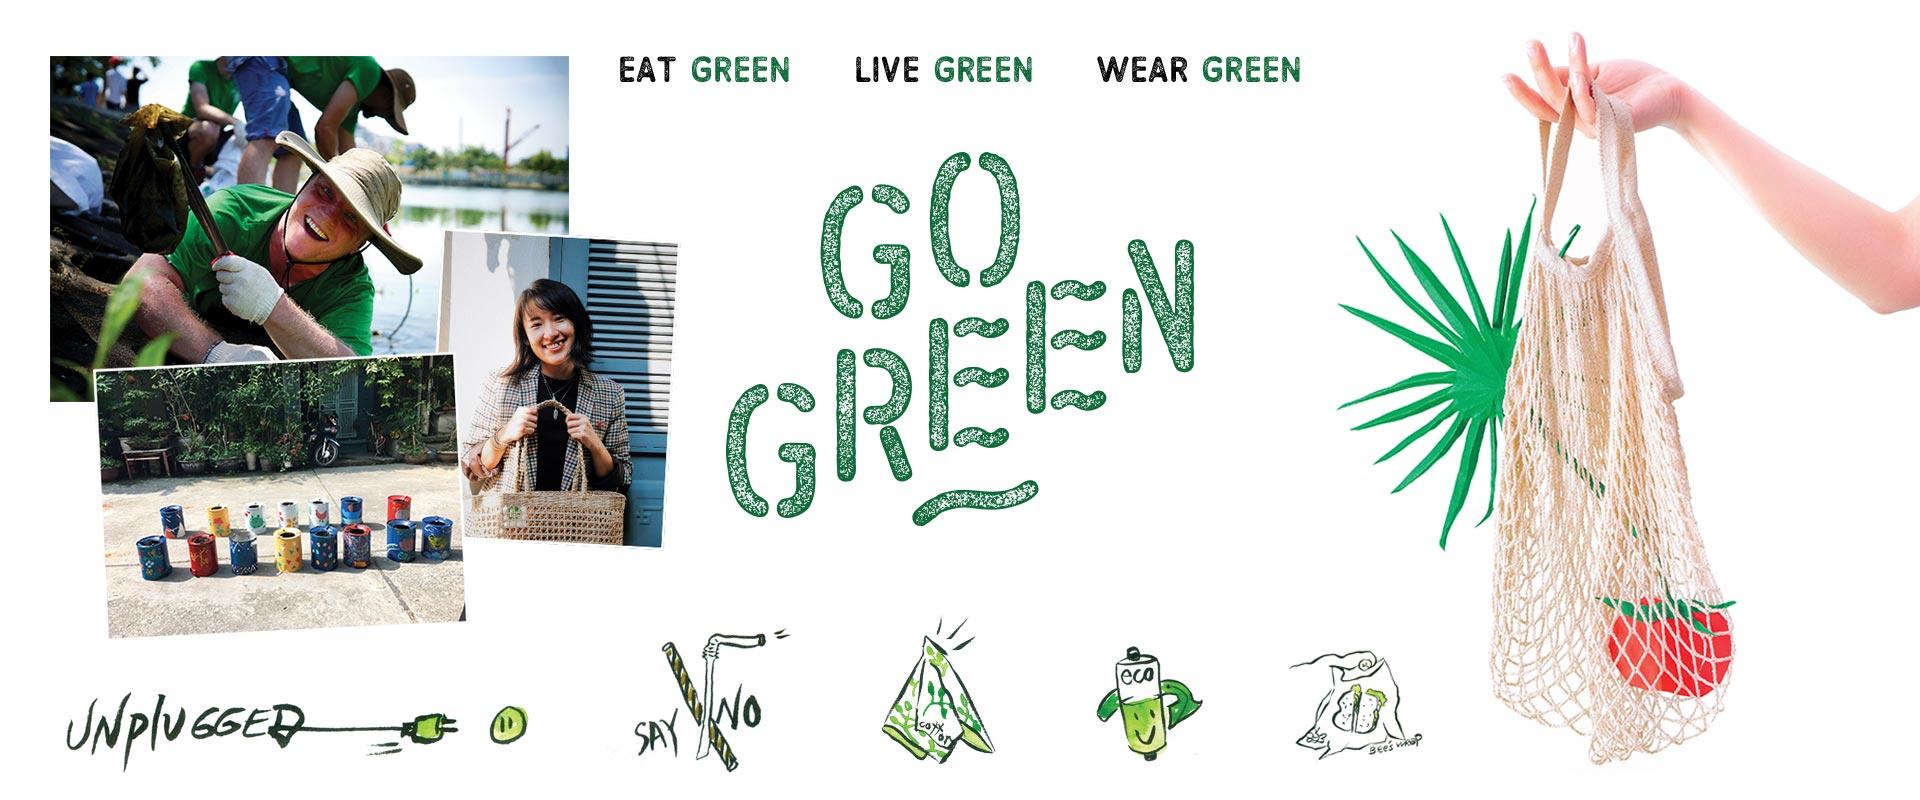 """Go Green: """"Nói không với túi nylon"""" và nỗ lực của người trẻ xây dựng lối sống bền vững"""